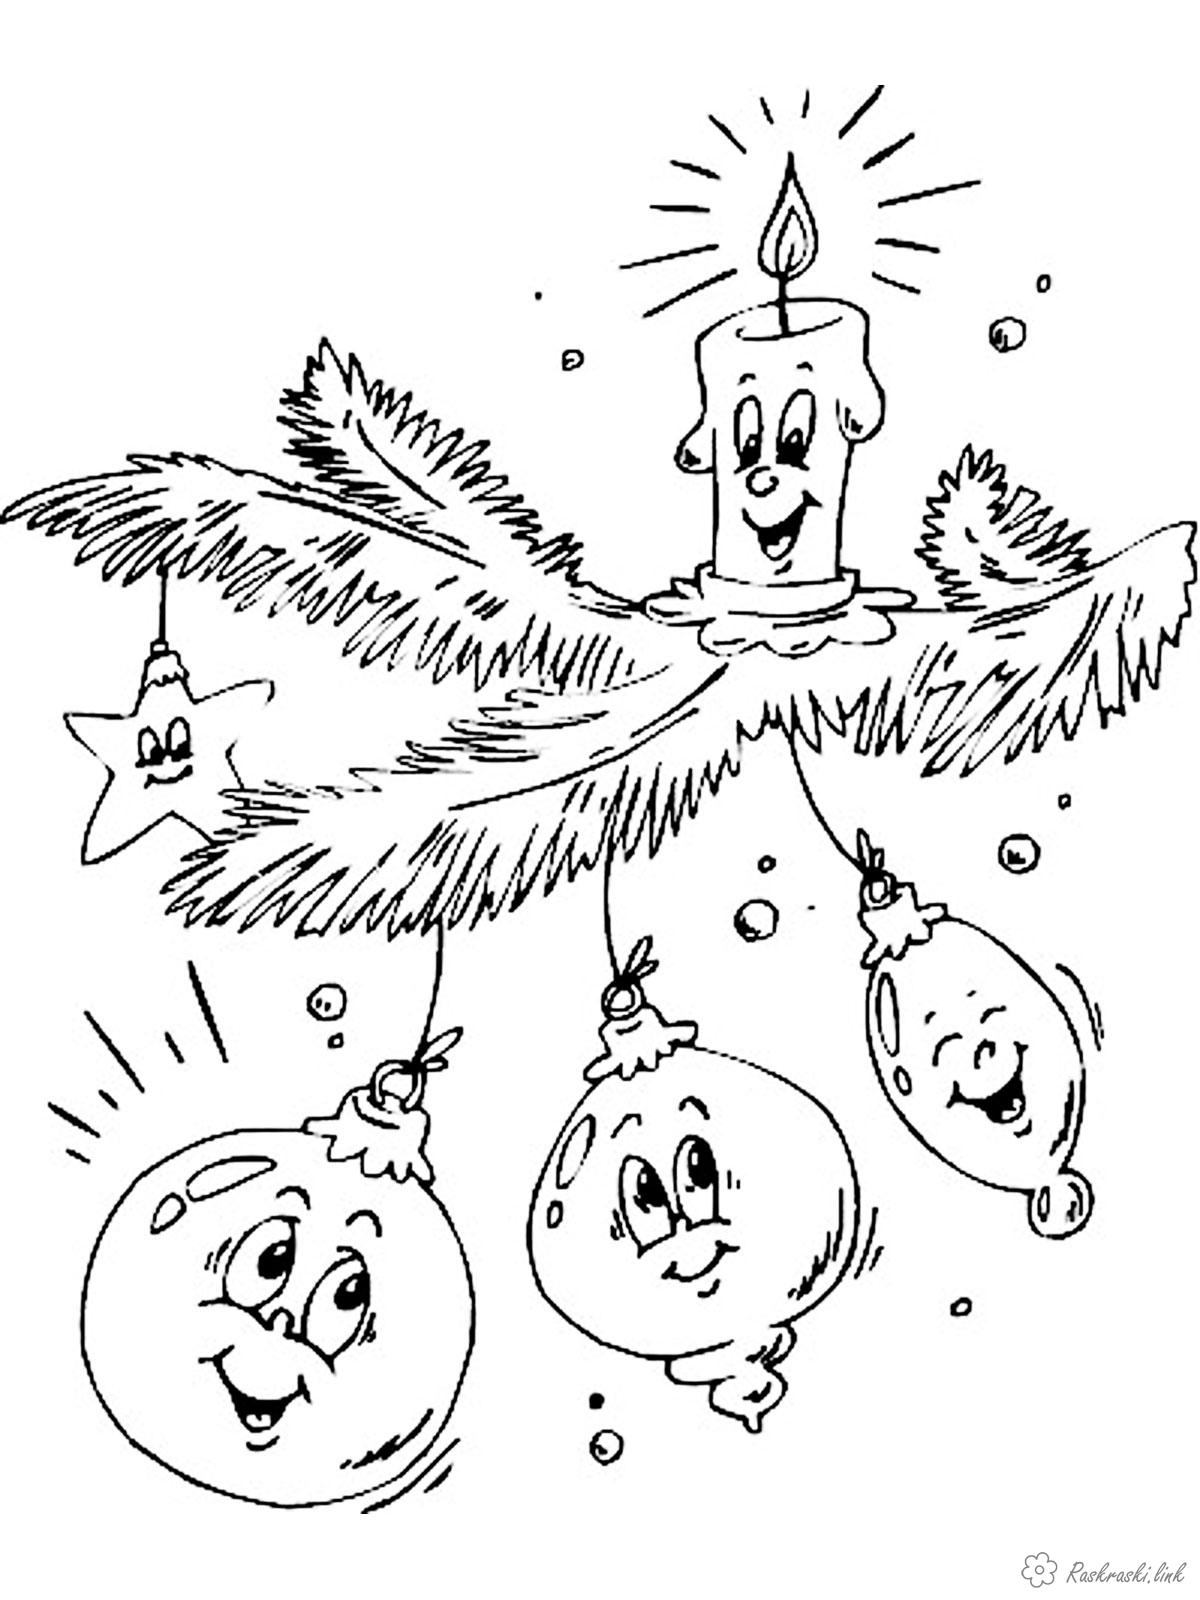 Розмальовки гілка розмальовки дітям, чорно-білі картинки, новий рік, свято, зима, ялинова гілка, ялинова лапа, іграшки, свічка